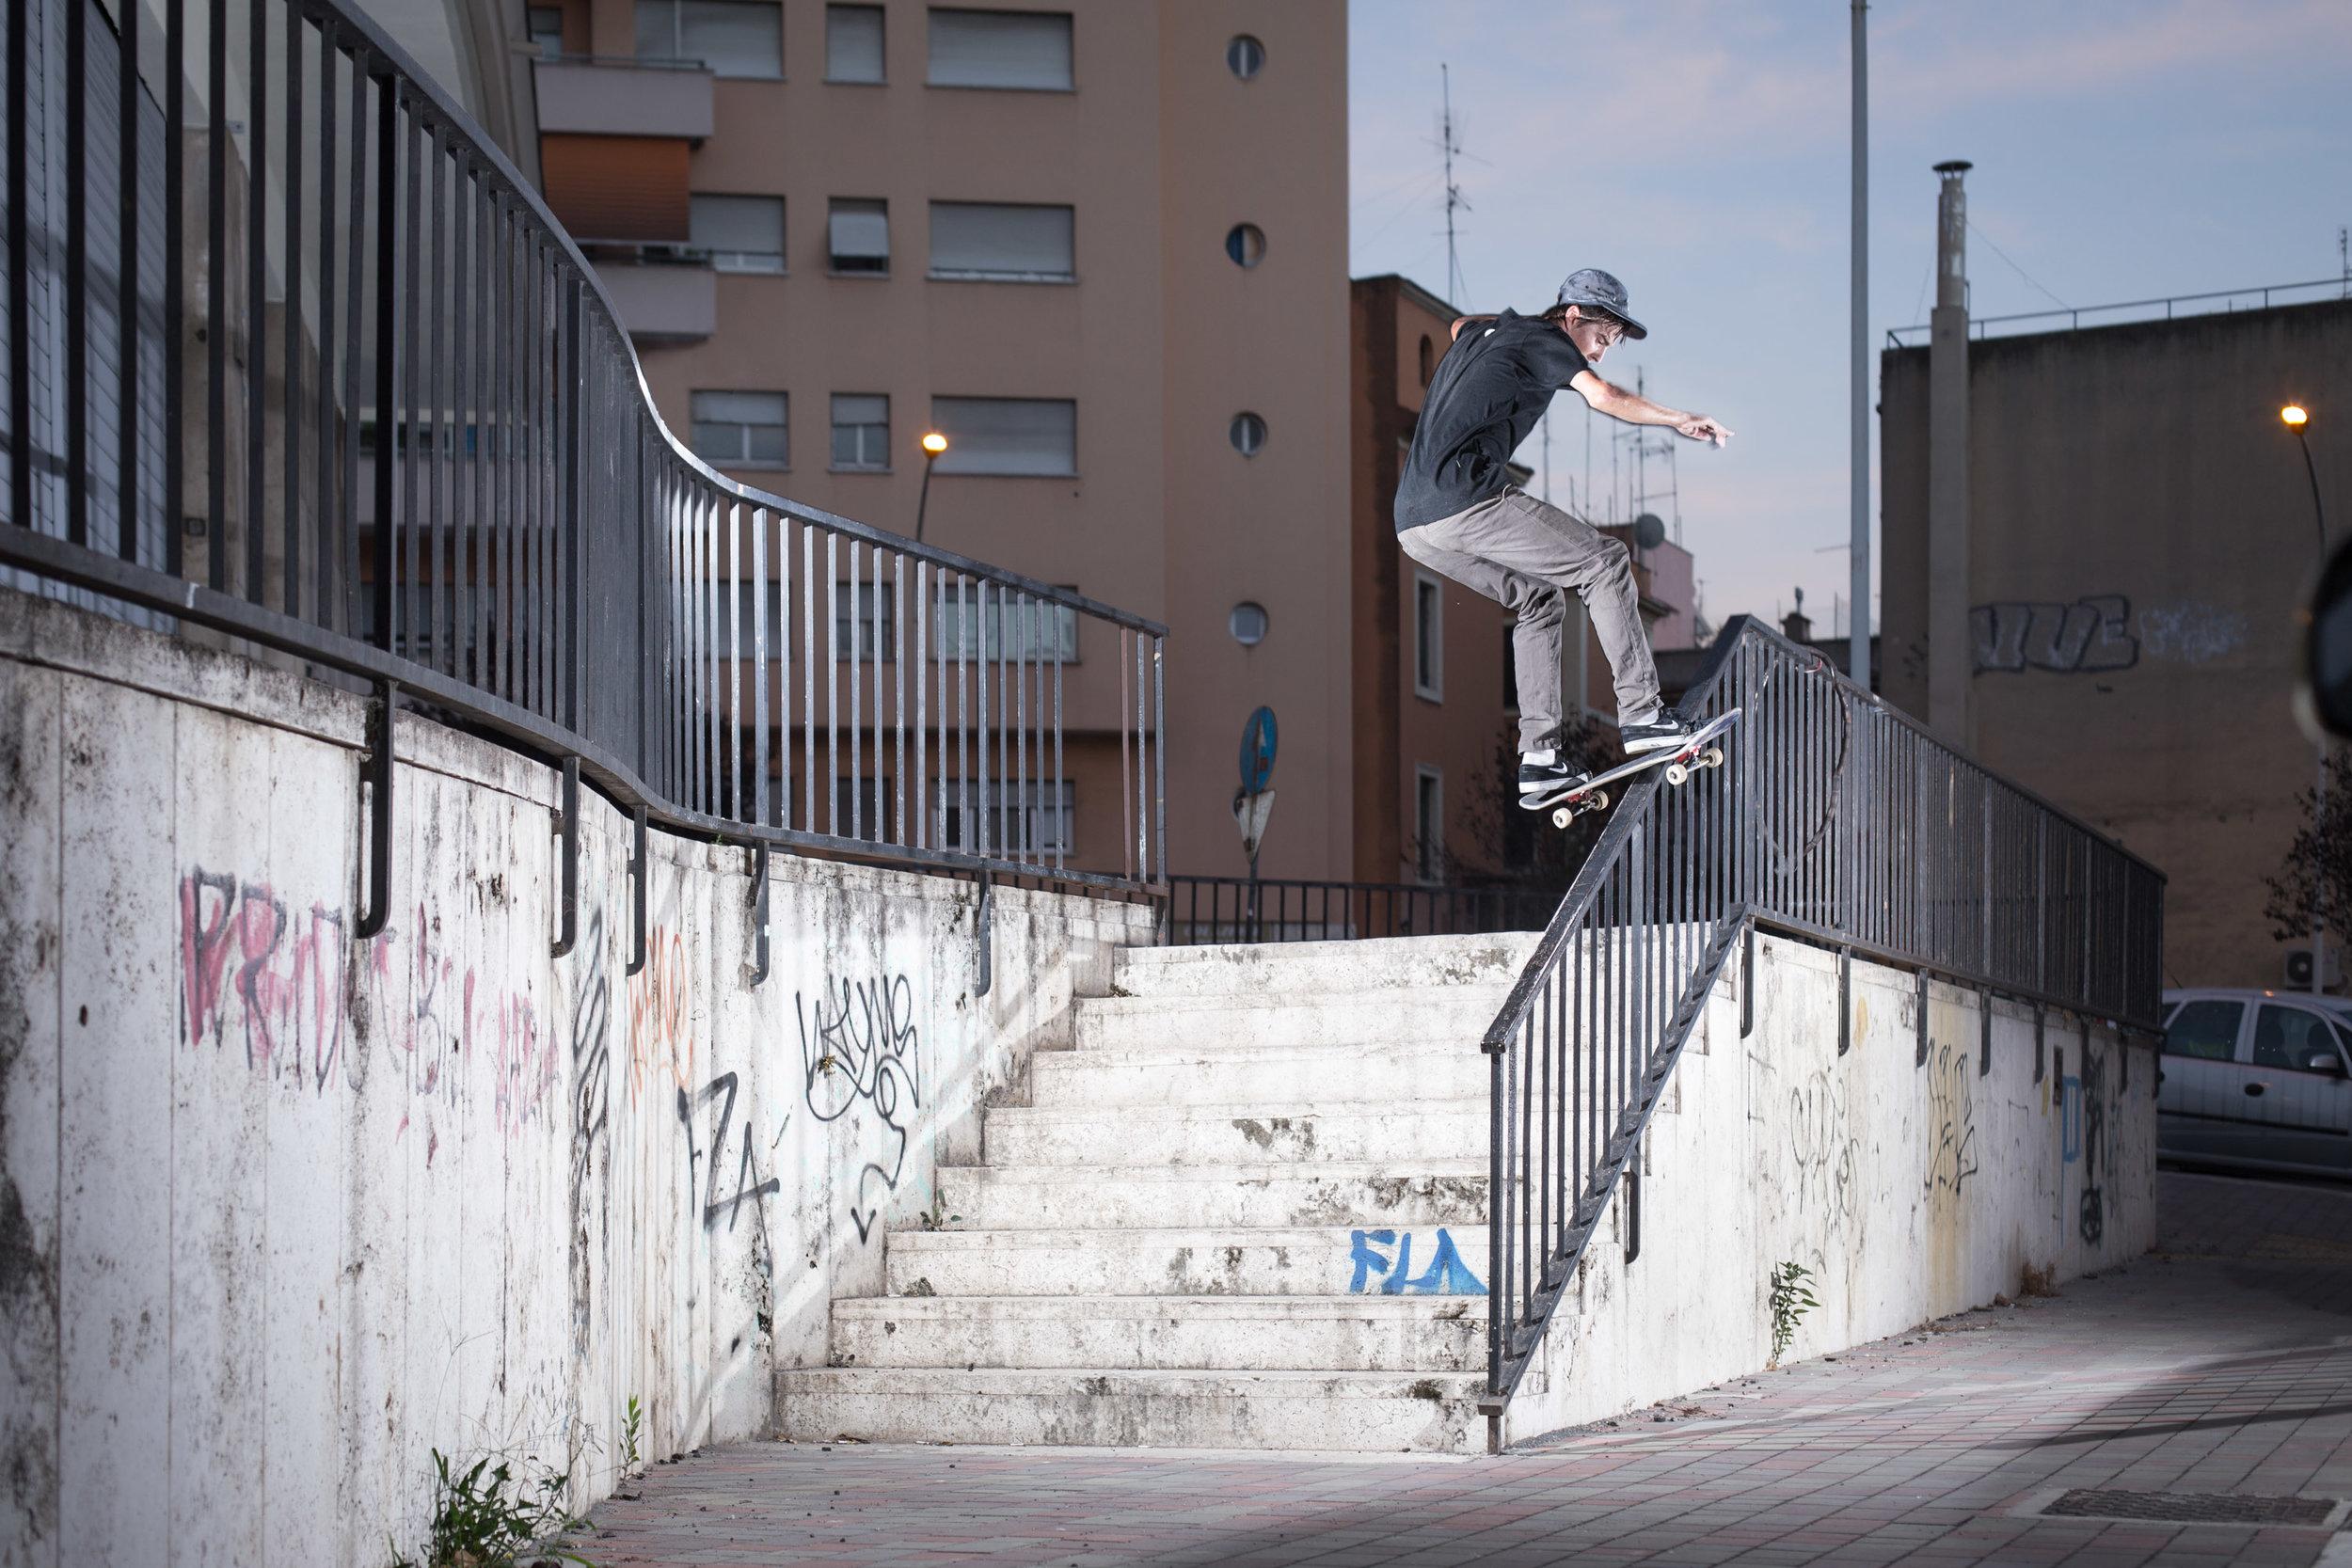 Steffen Christen - Frontside boardslide